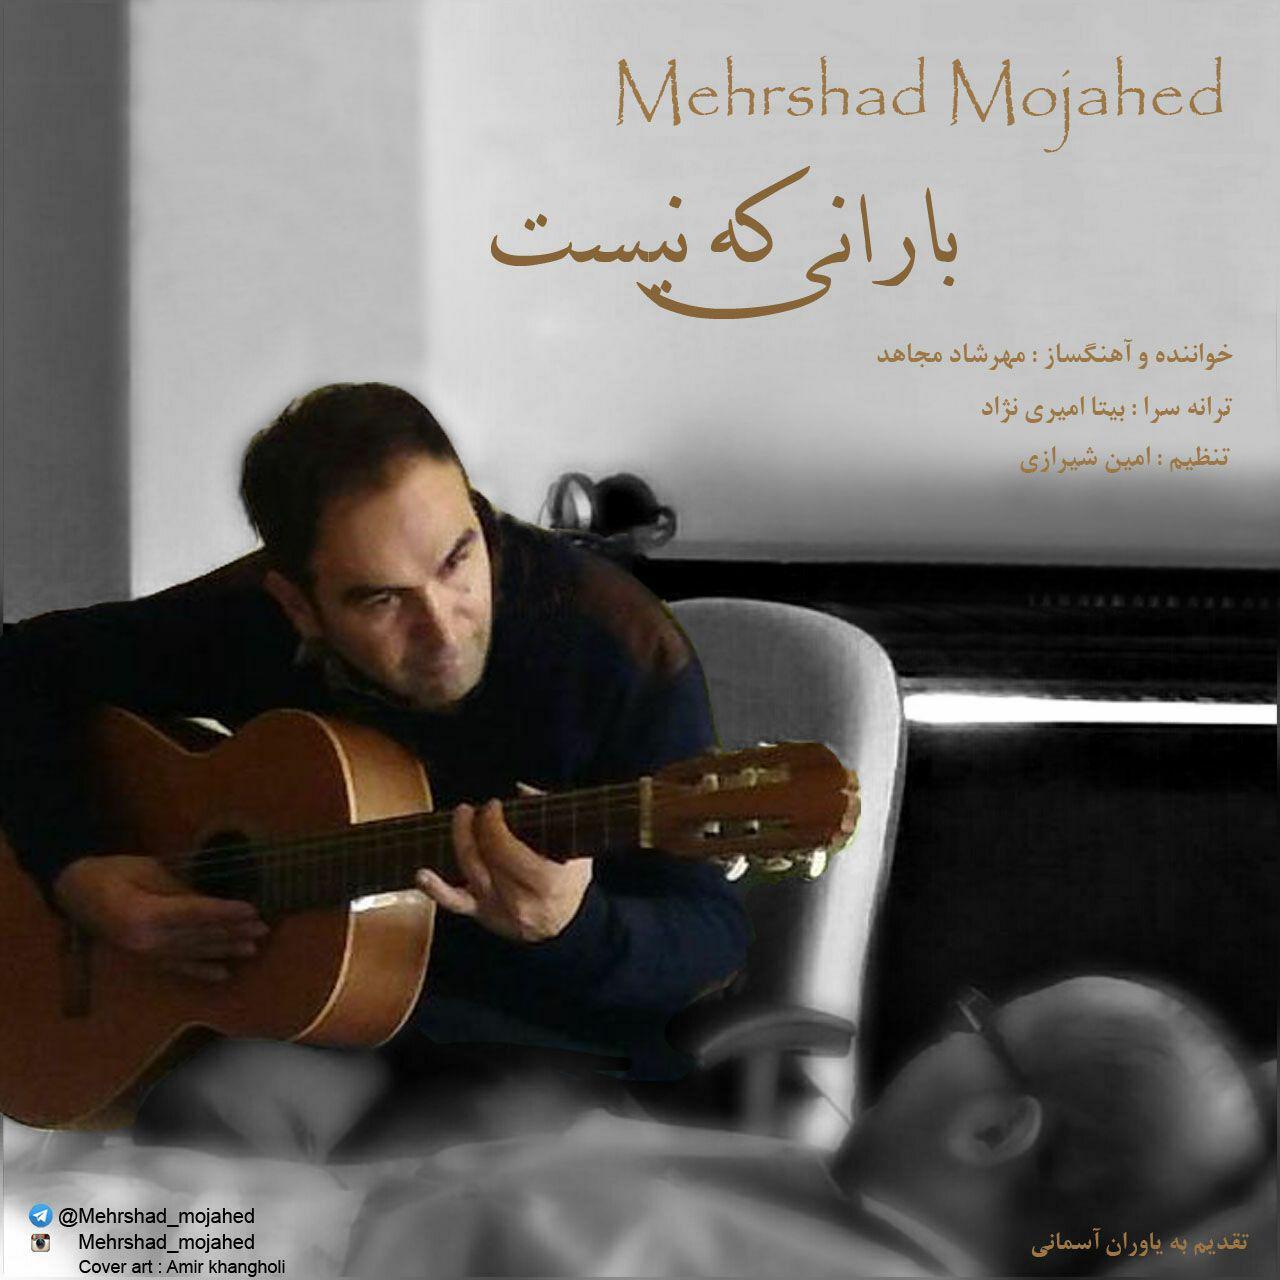 دانلود آهنگ جدید مهرشاد مجاهد به نام بارانی که نیست